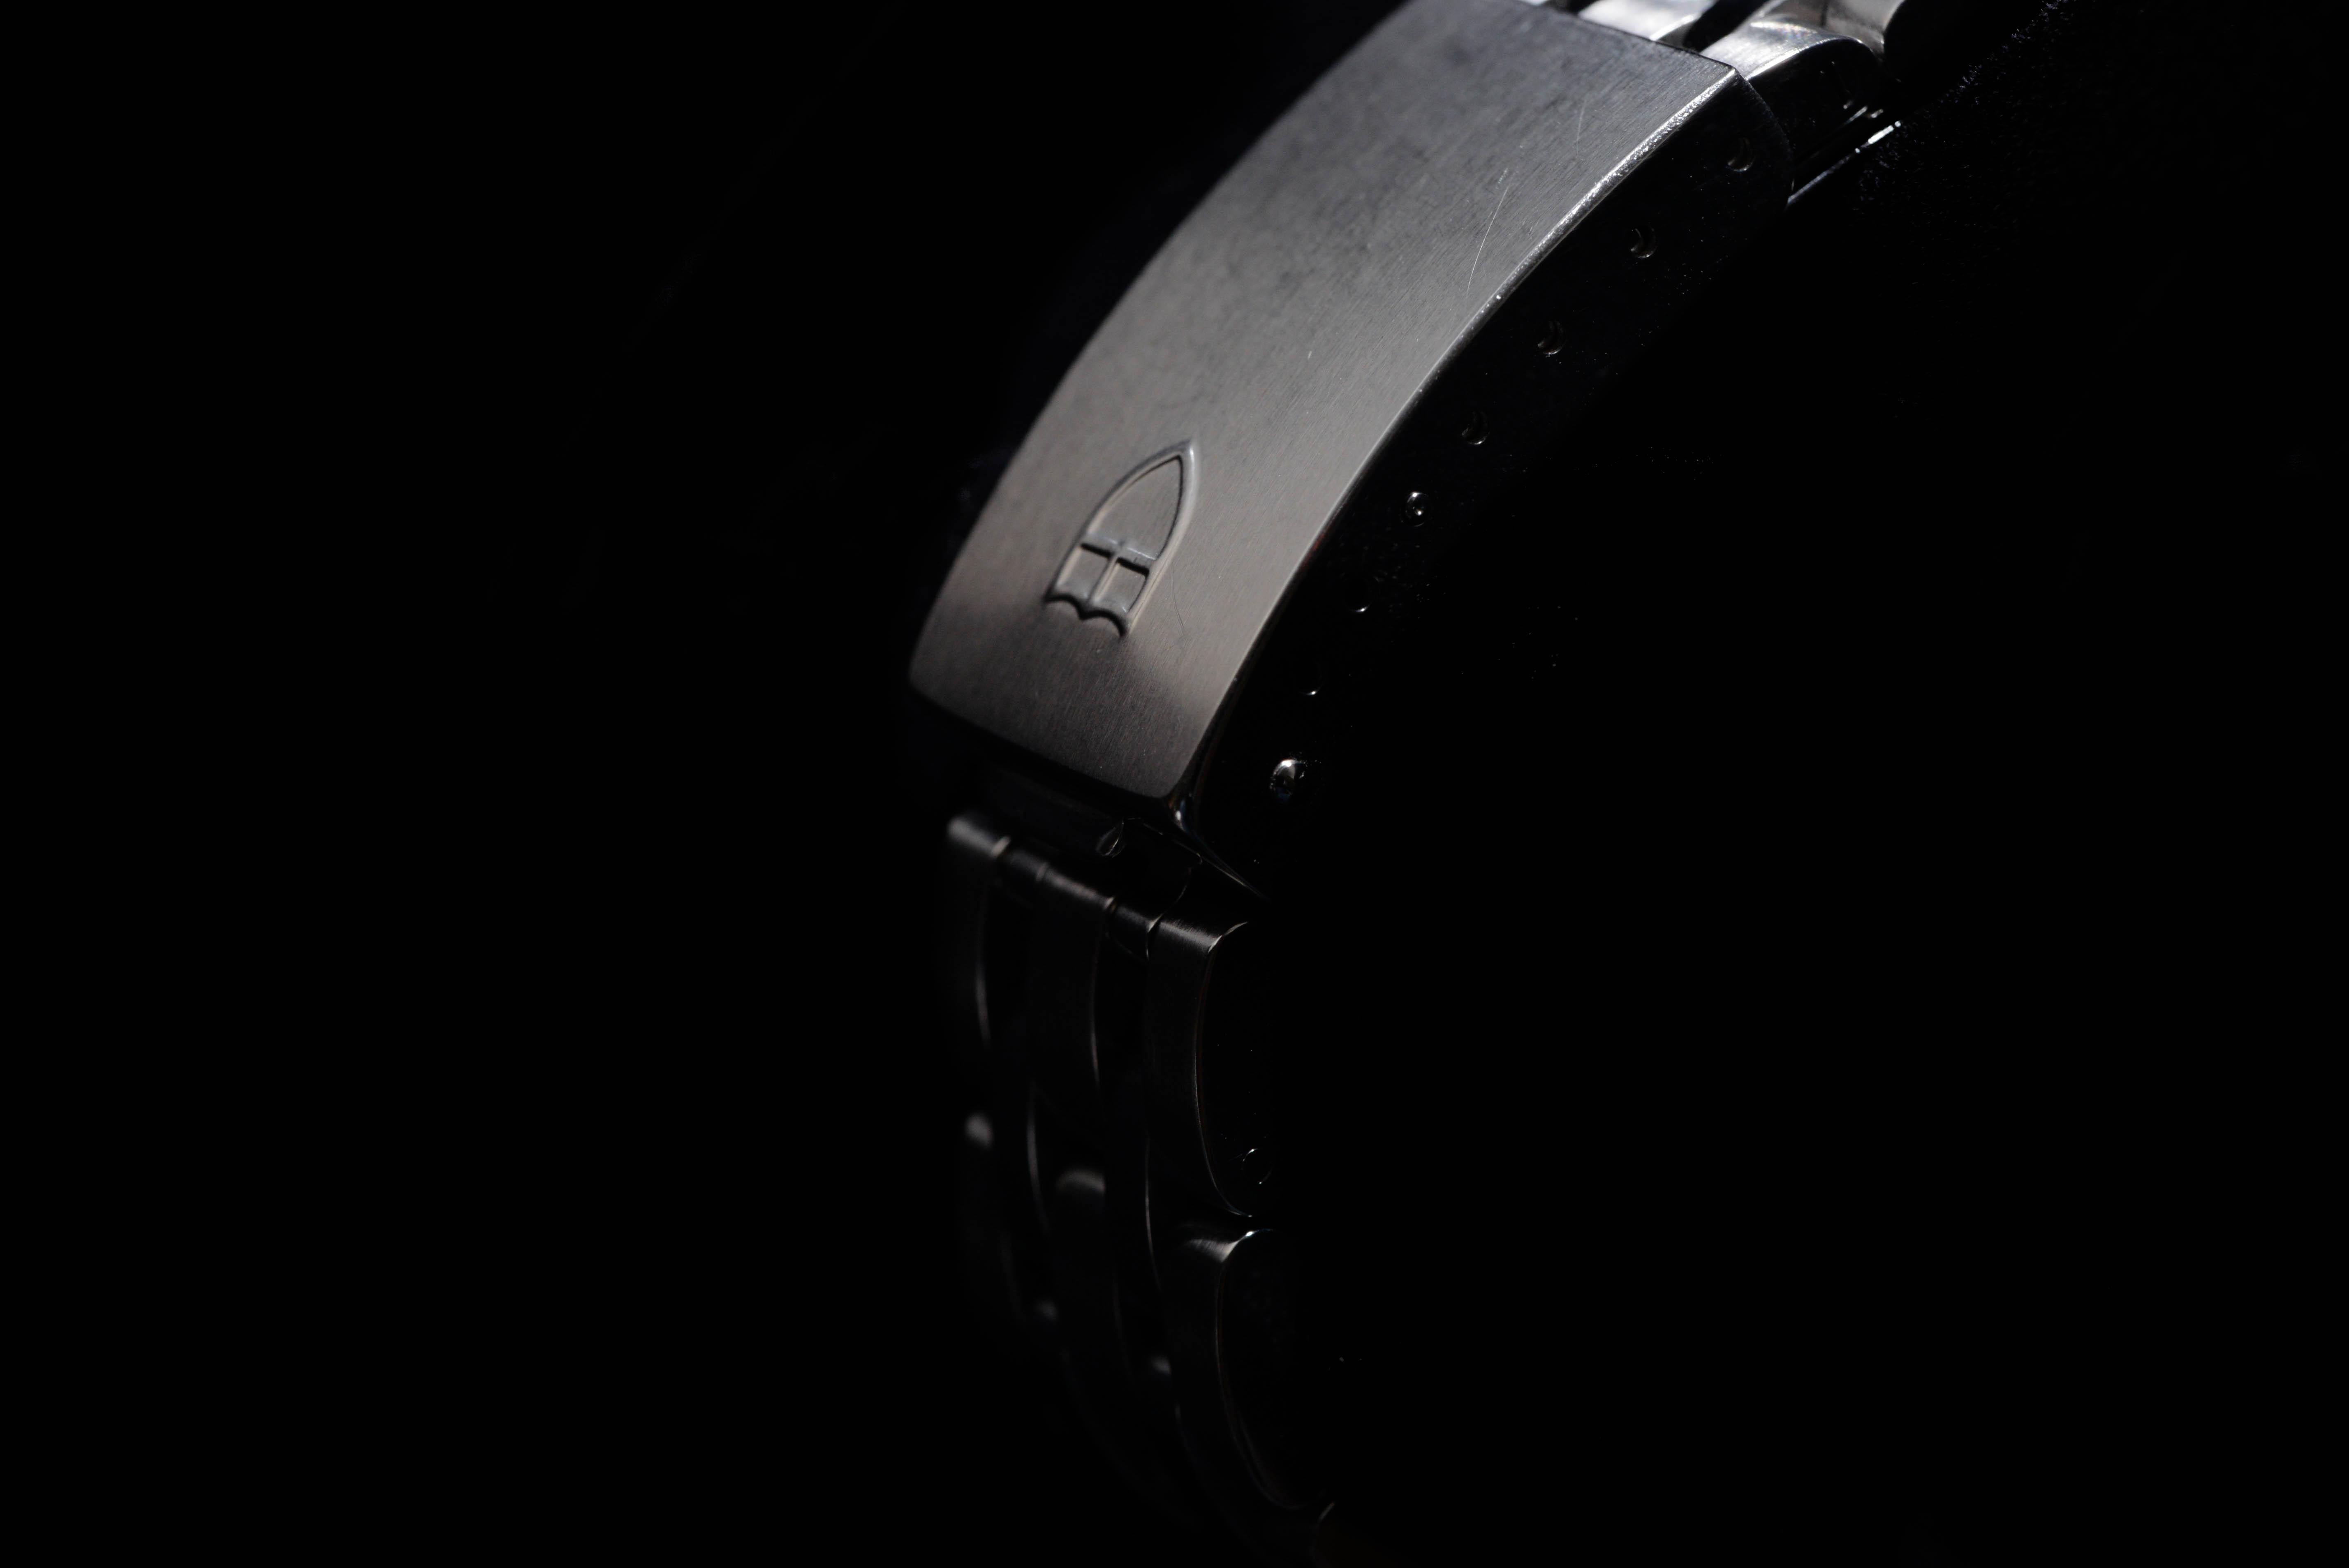 セミフォーマルのときに活躍する腕時計